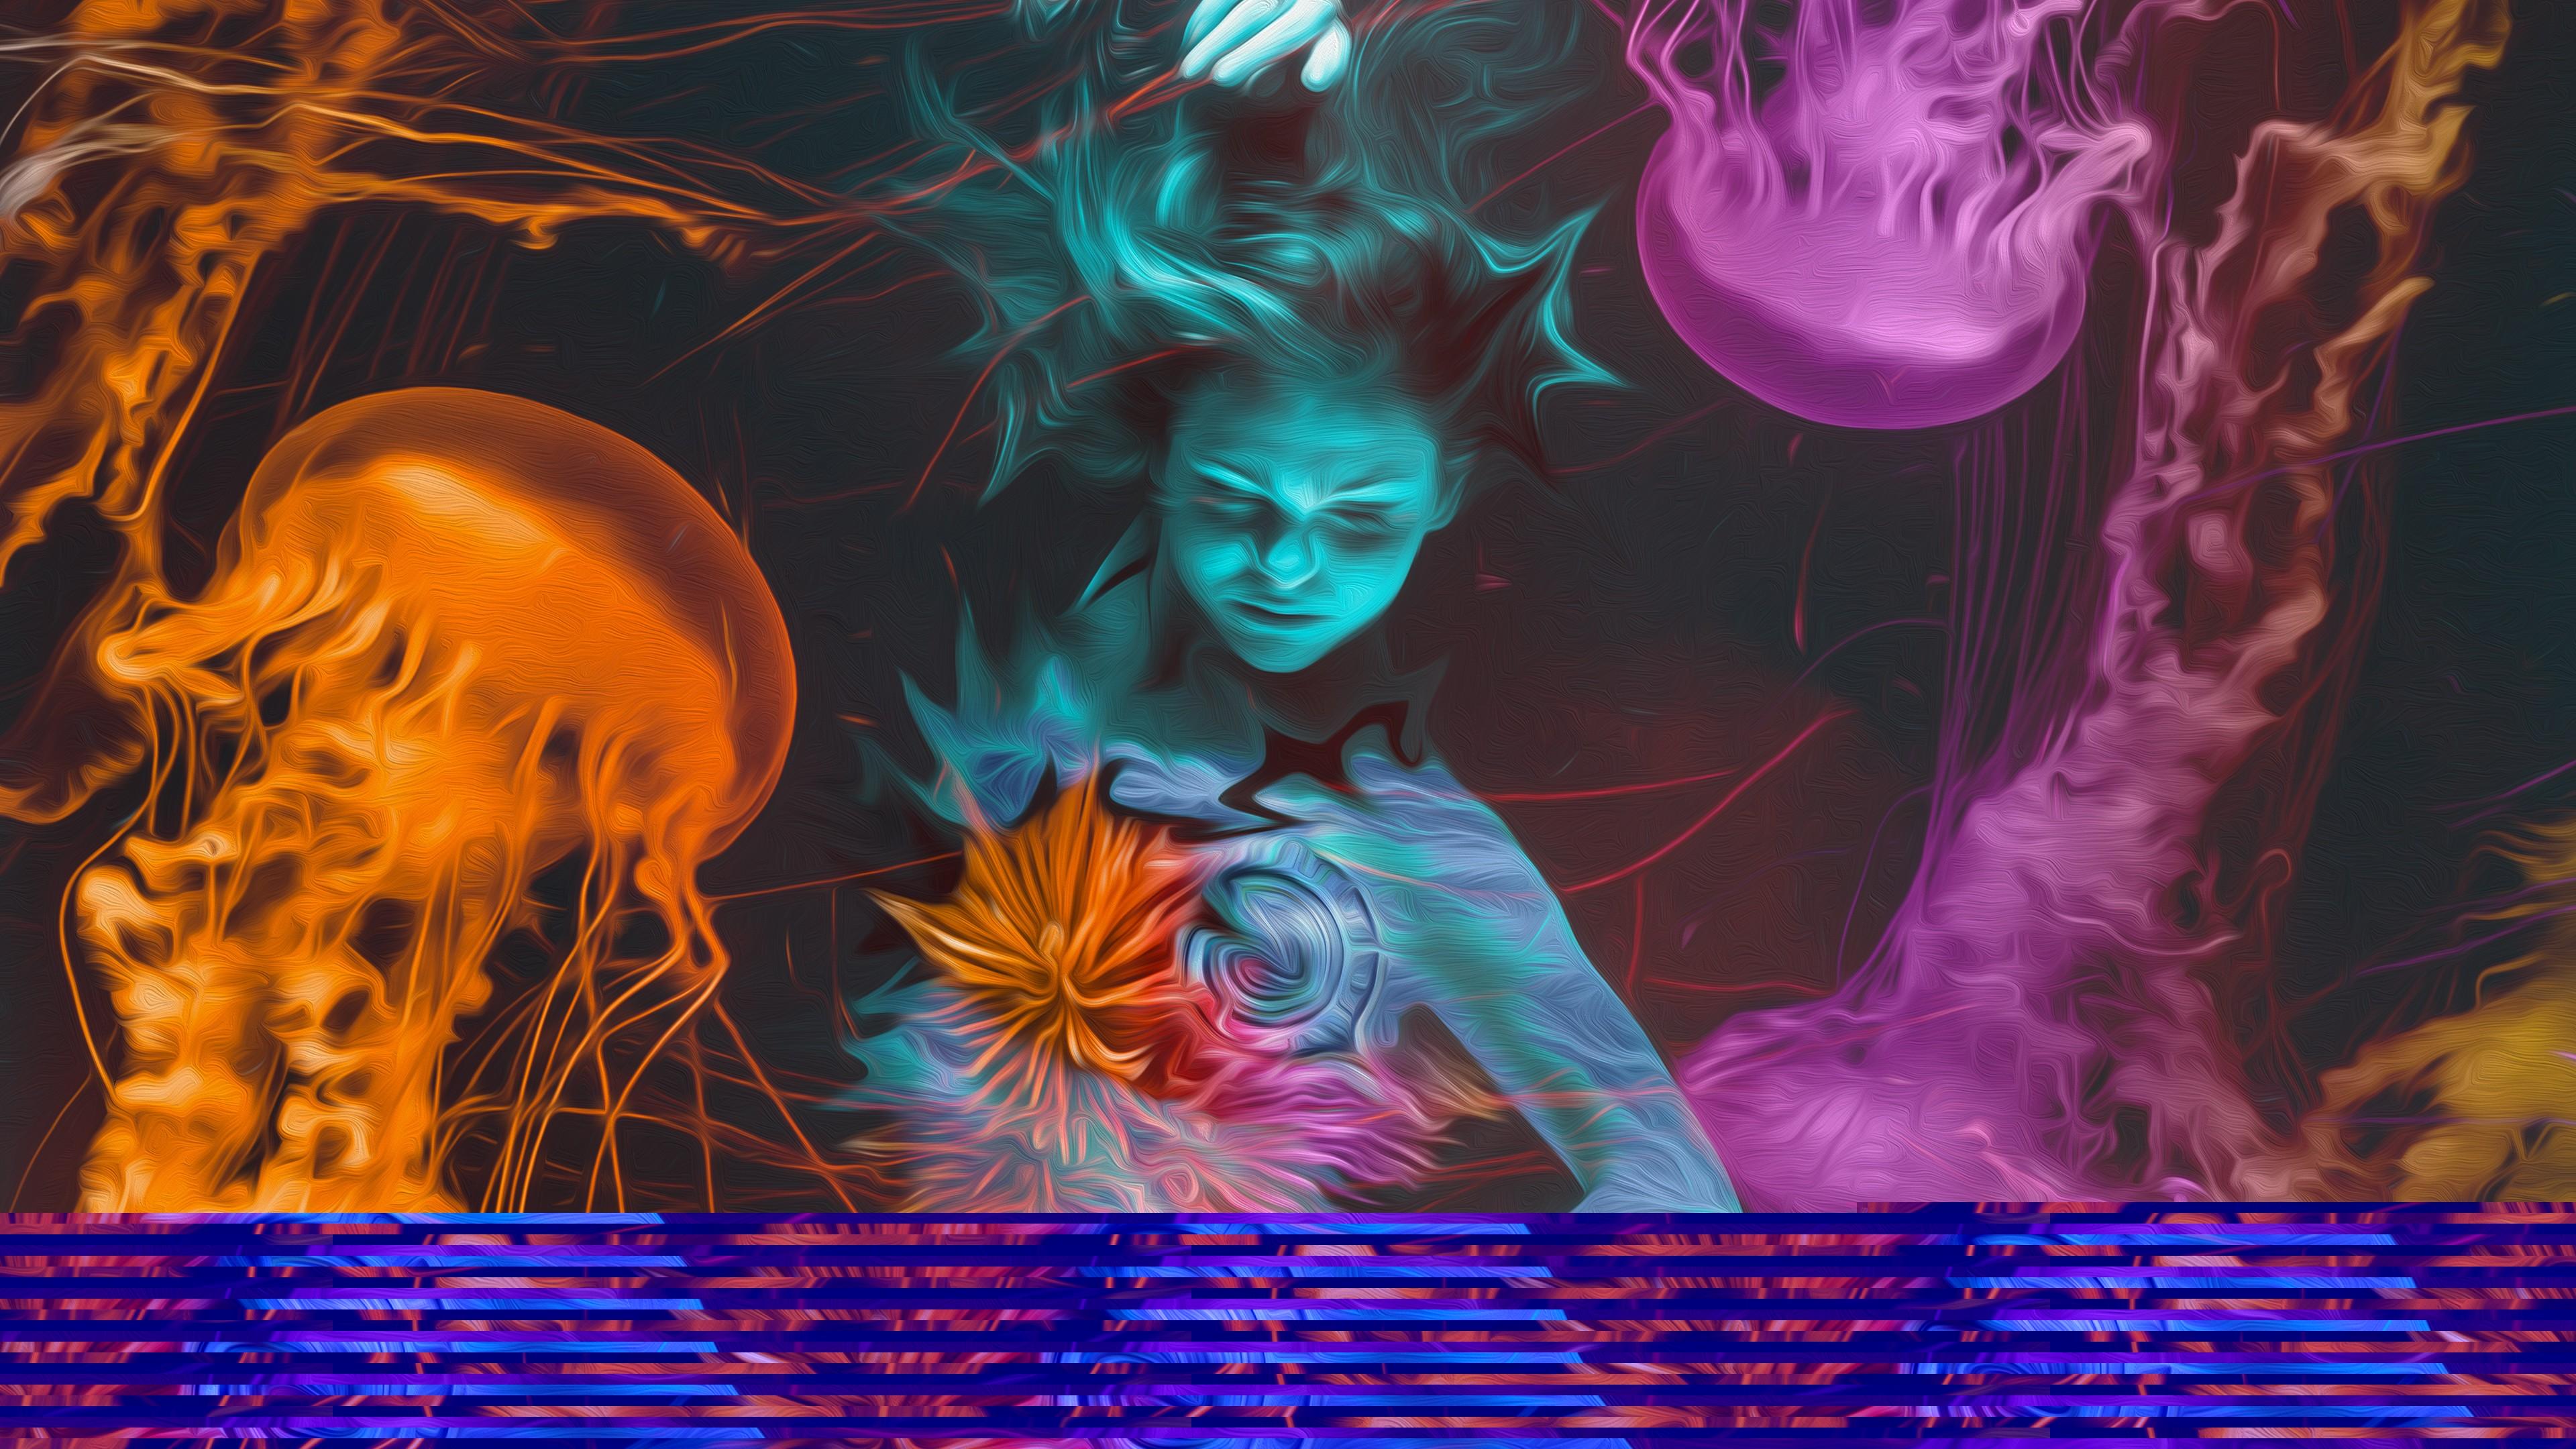 Девушка с бирюзовом лицом на морской глубине среди ее обитателей